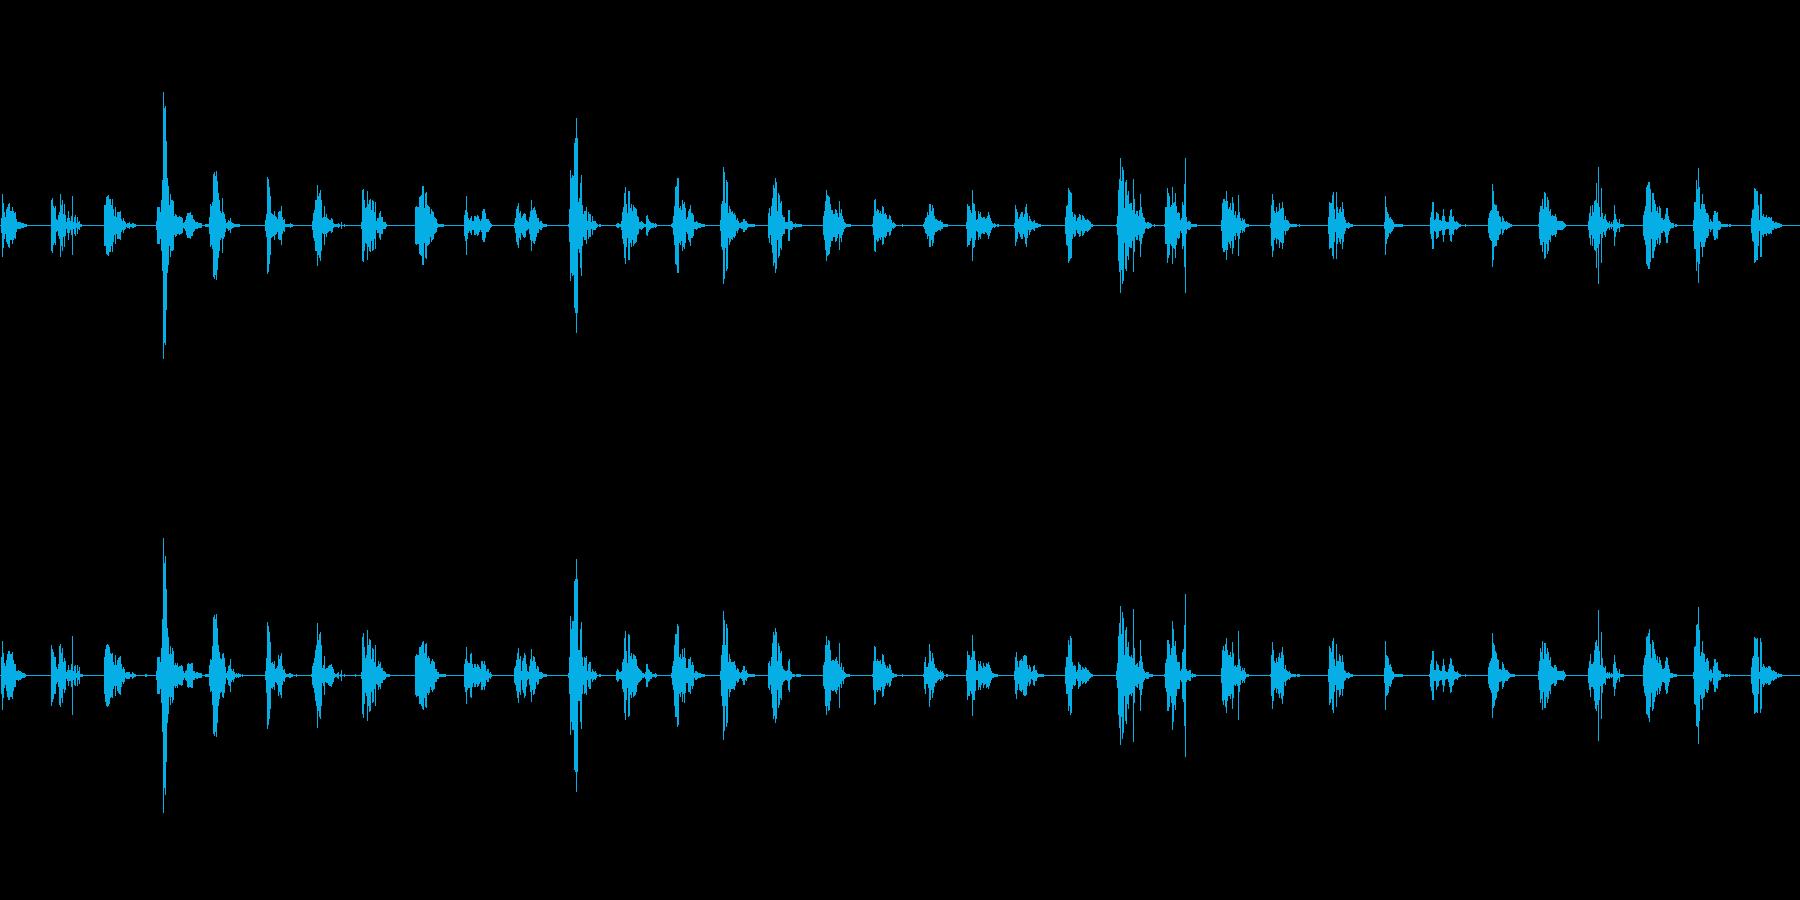 畳の上を歩く足音の再生済みの波形